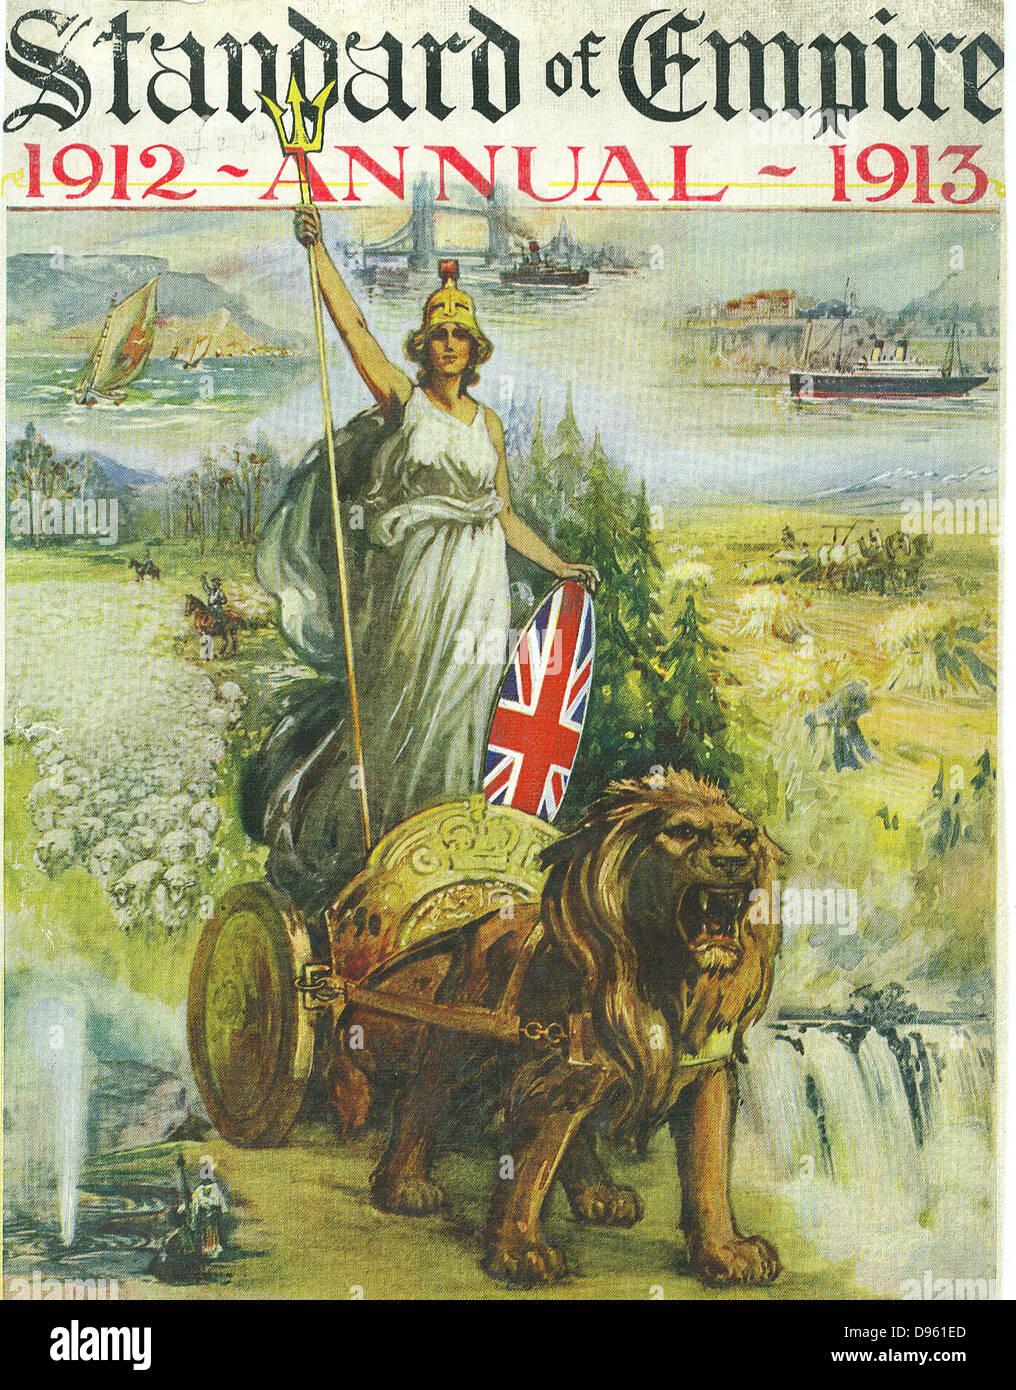 Ristrutturazione sciovinista coperchio del 'Standard di Empire' annuale per 1912-1913 mostra Britannia in Immagini Stock